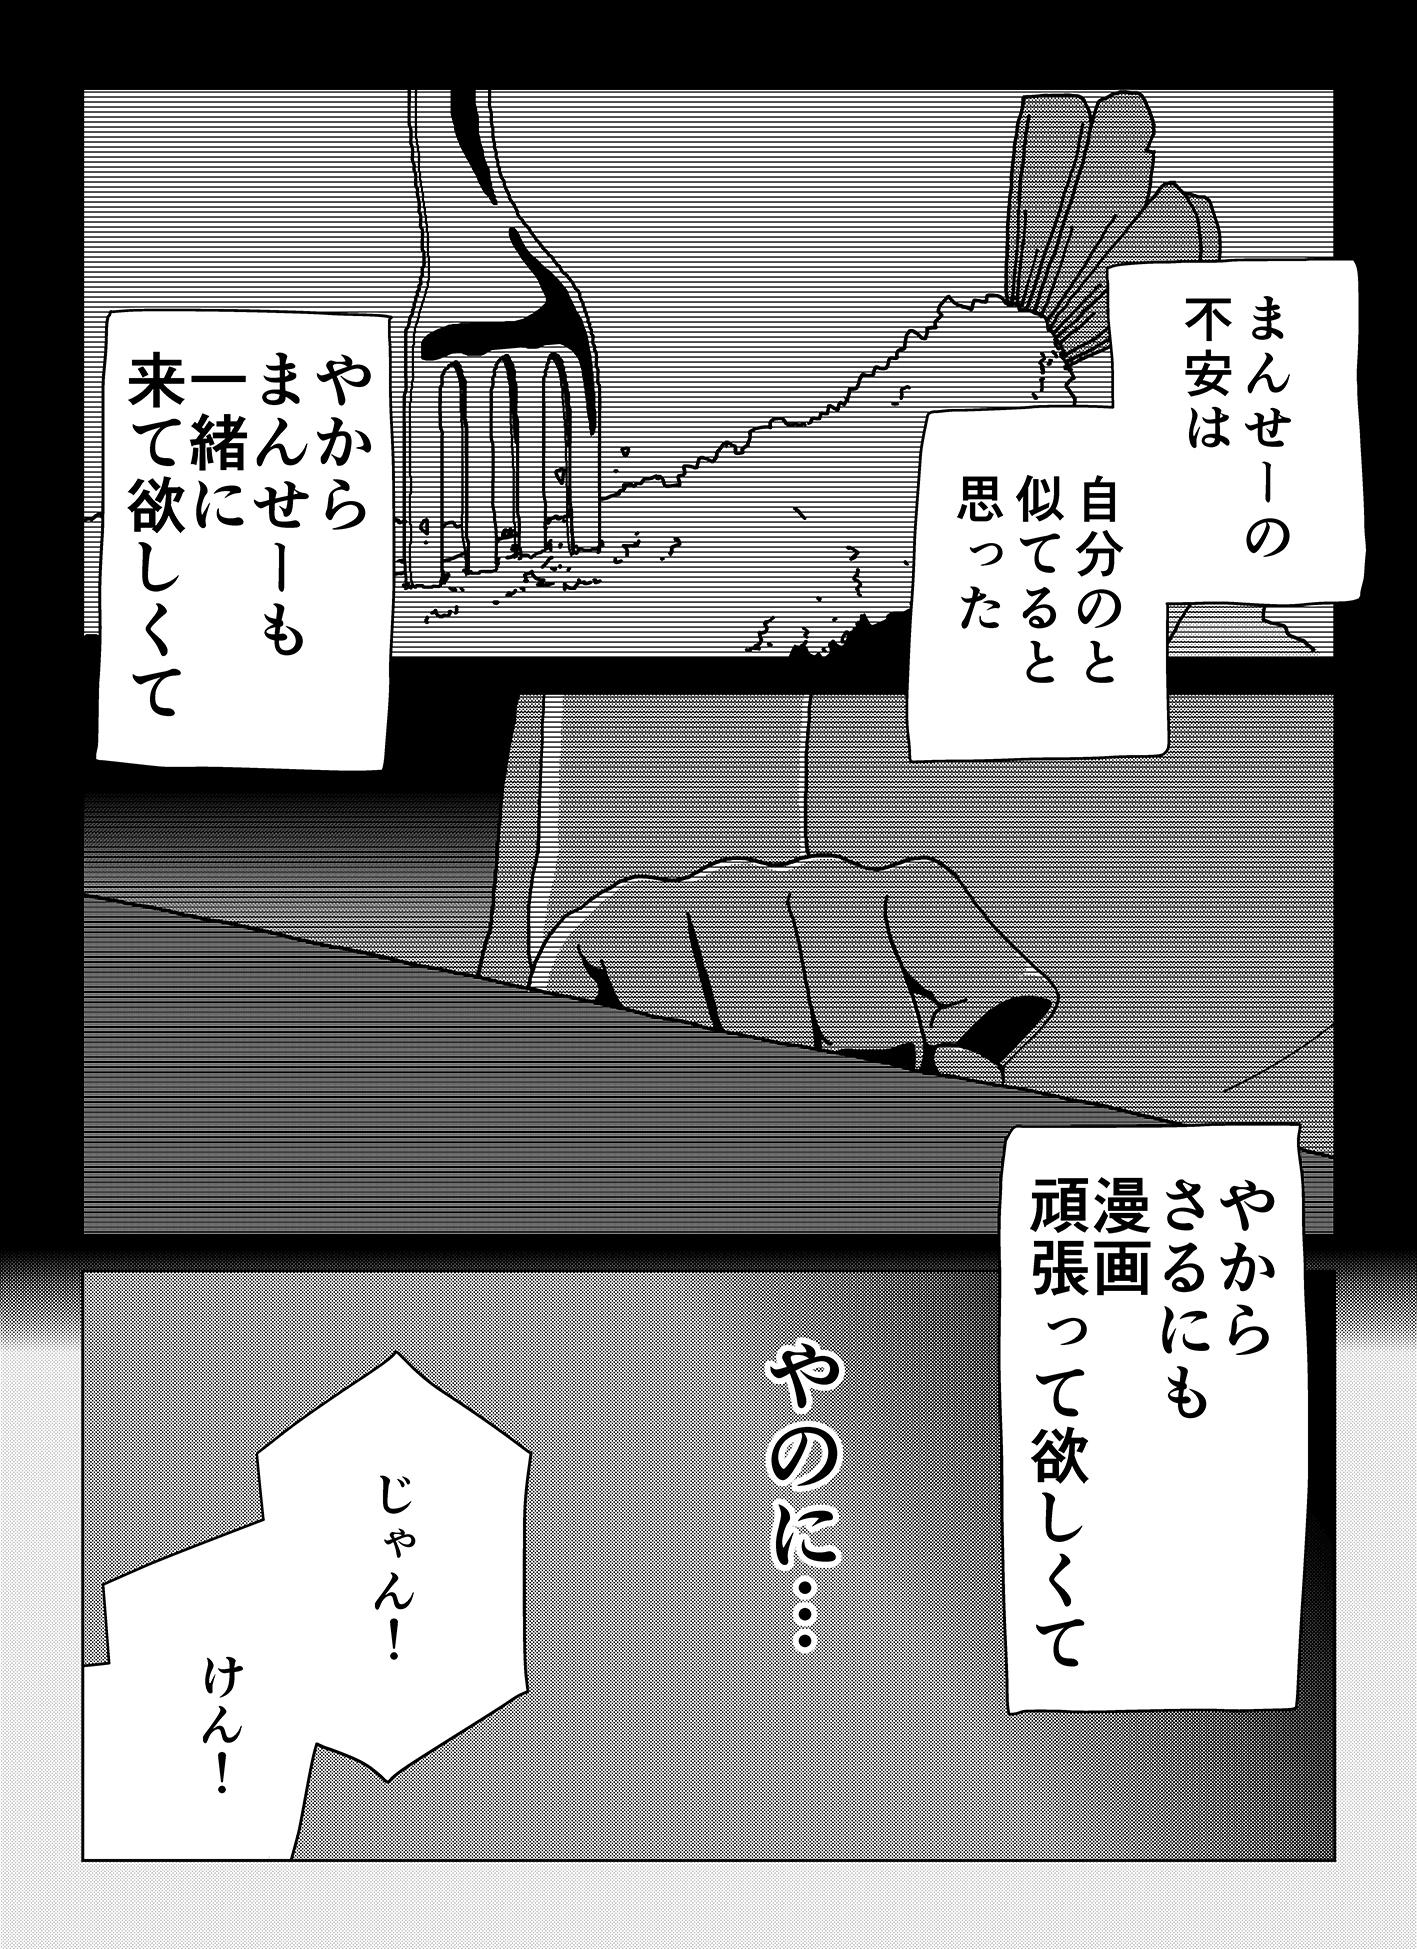 share10_005